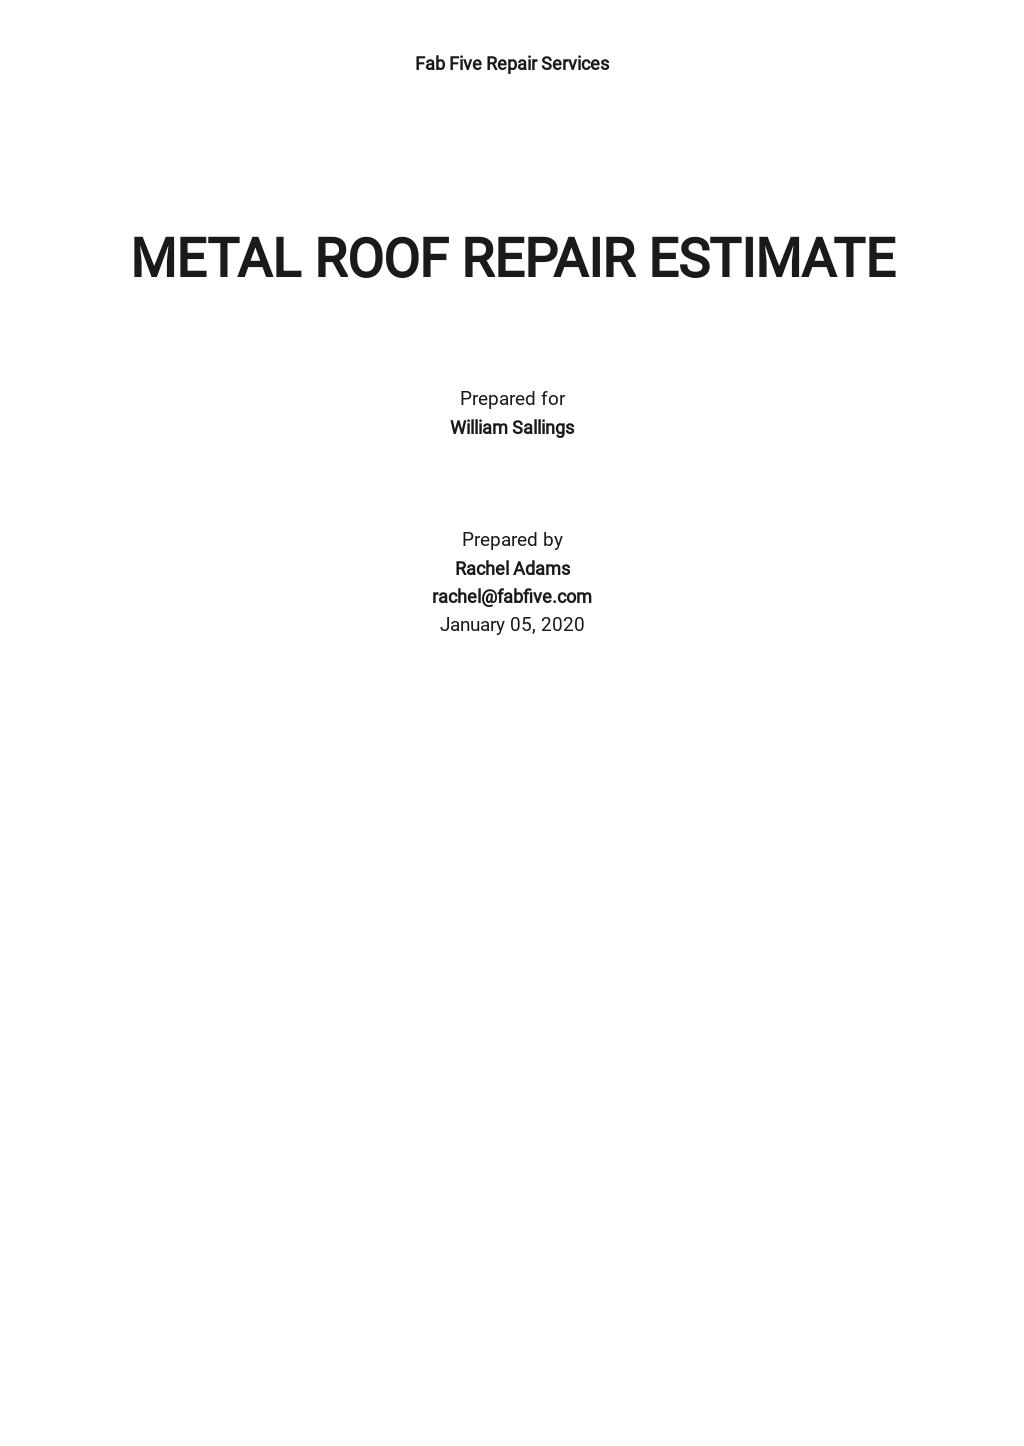 Free Roof Repair Estimate Template.jpe